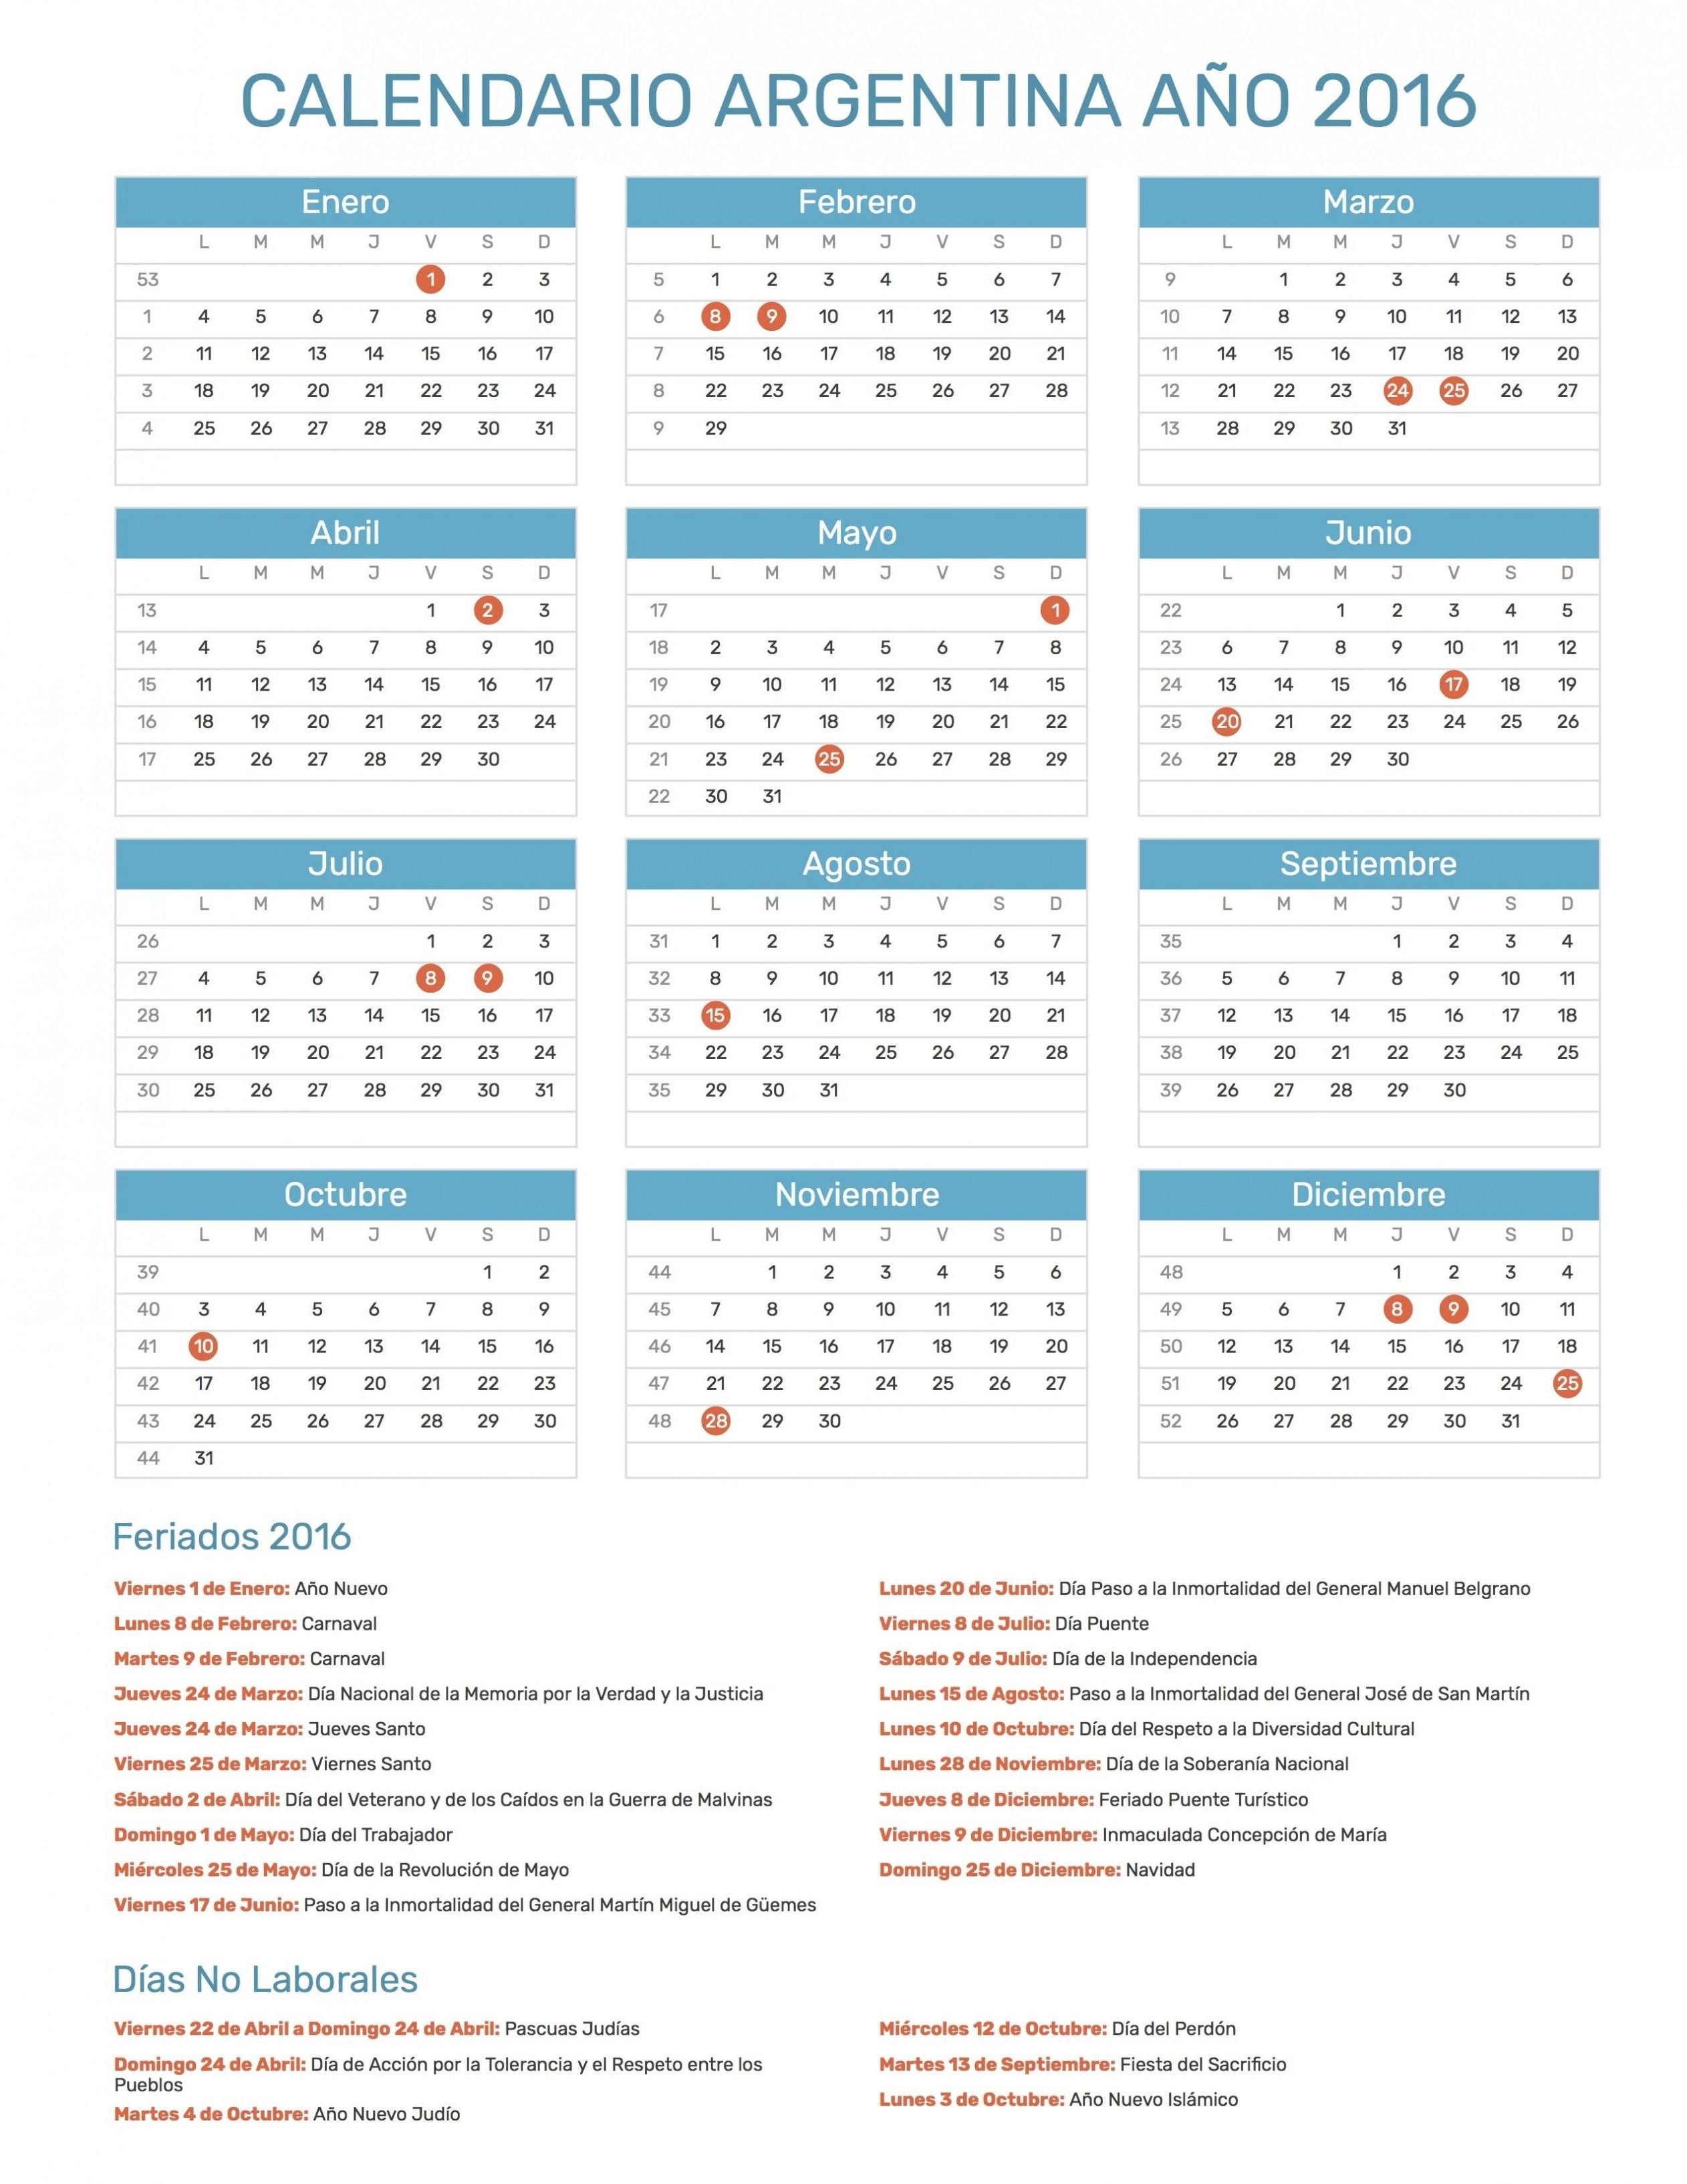 Calendario 2019 Y Feriados Más Recientemente Liberado Tengan Cuidado Ah Fuera 2016 Enero Festivos Sevilla 2016